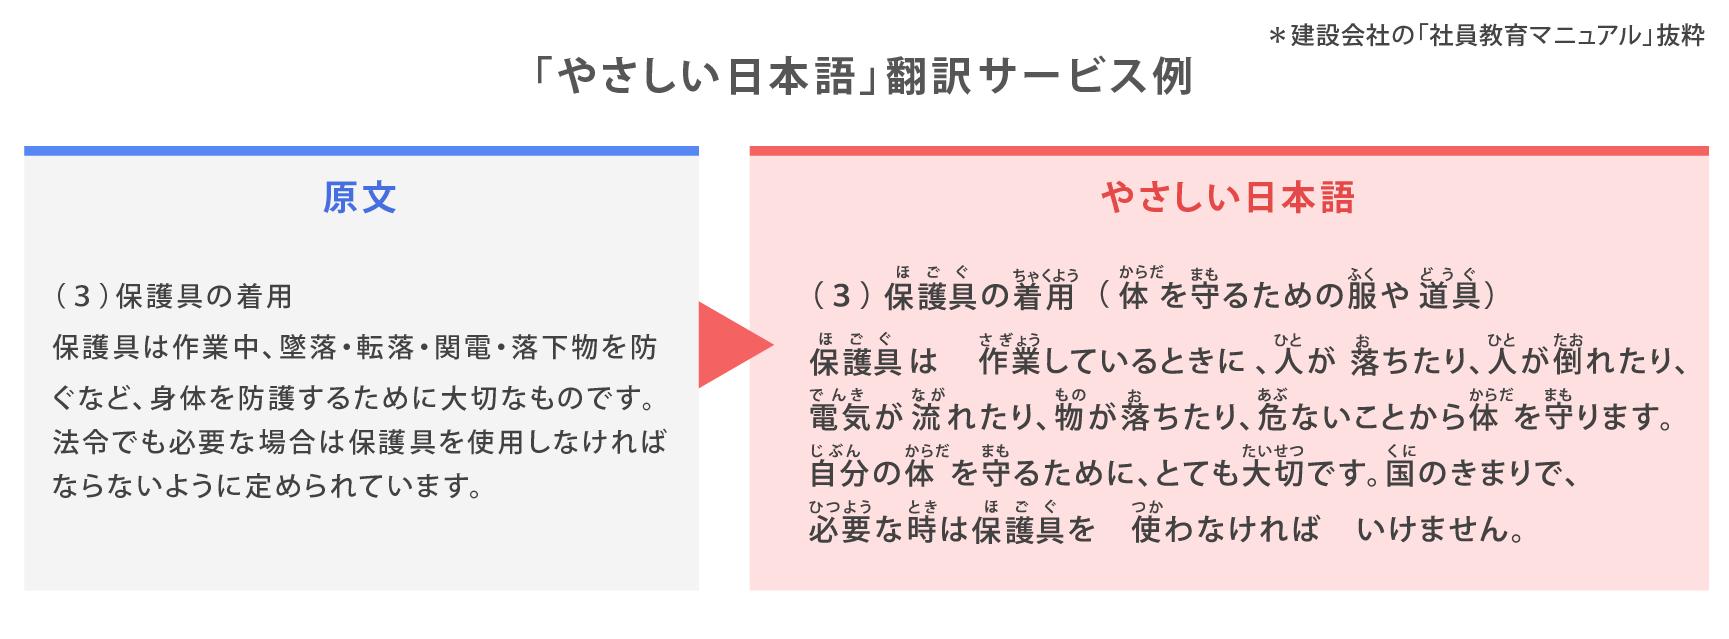 やさしい日本語-翻訳マニュアル例